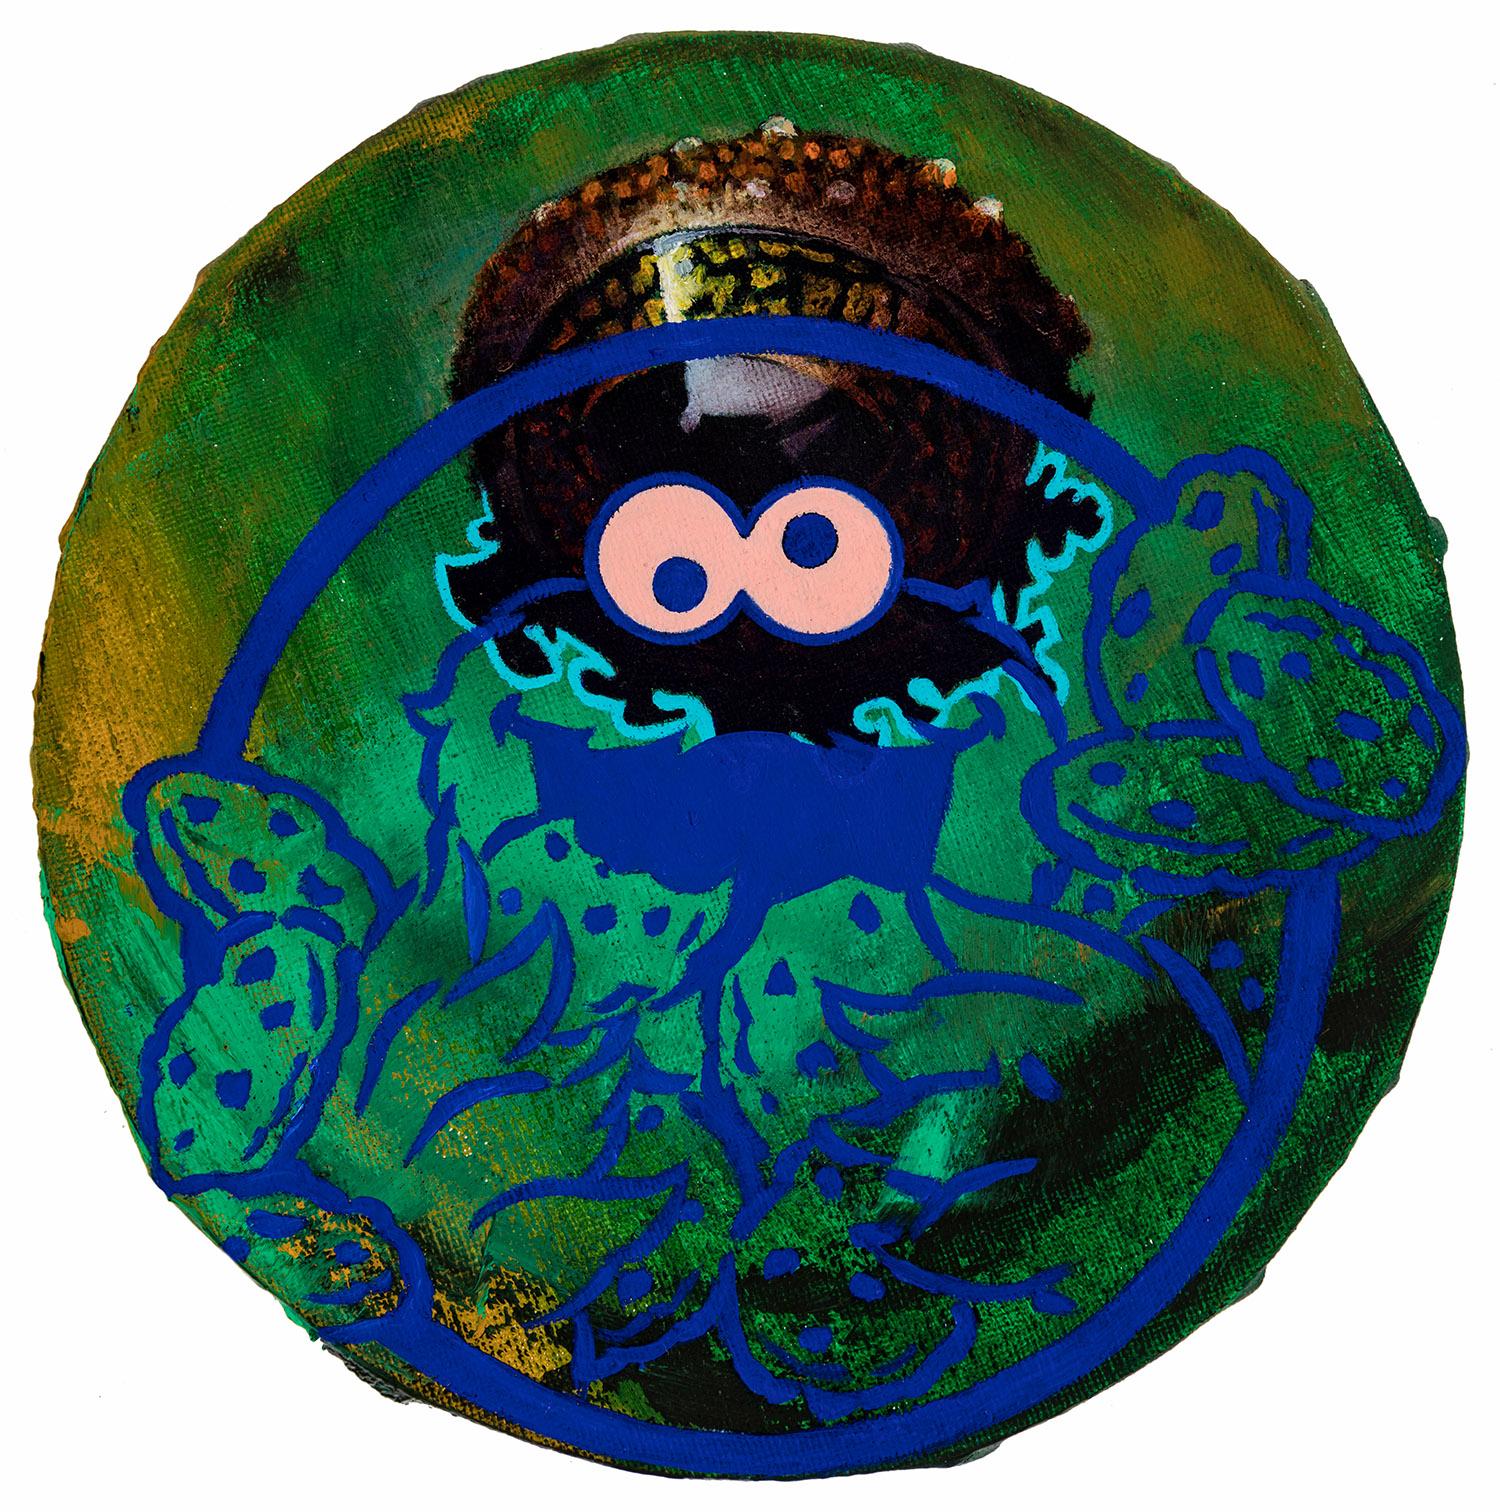 8  2017, Durchmesser 20 cm, Öl auf Nessel